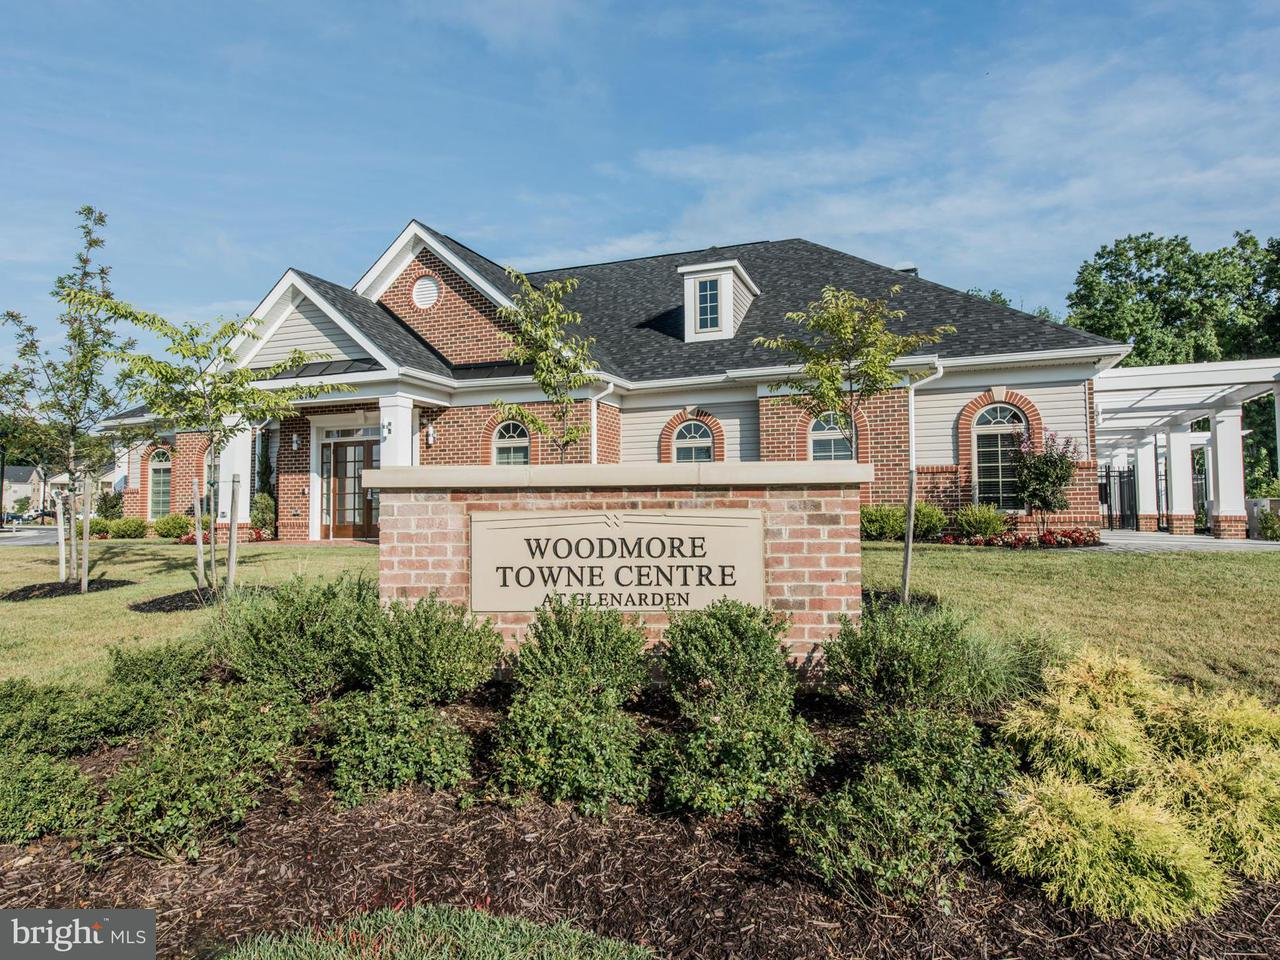 Частный односемейный дом для того Продажа на 2400 ST. NICHOLAS WAY 2400 ST. NICHOLAS WAY Glenarden, Мэриленд 20706 Соединенные Штаты